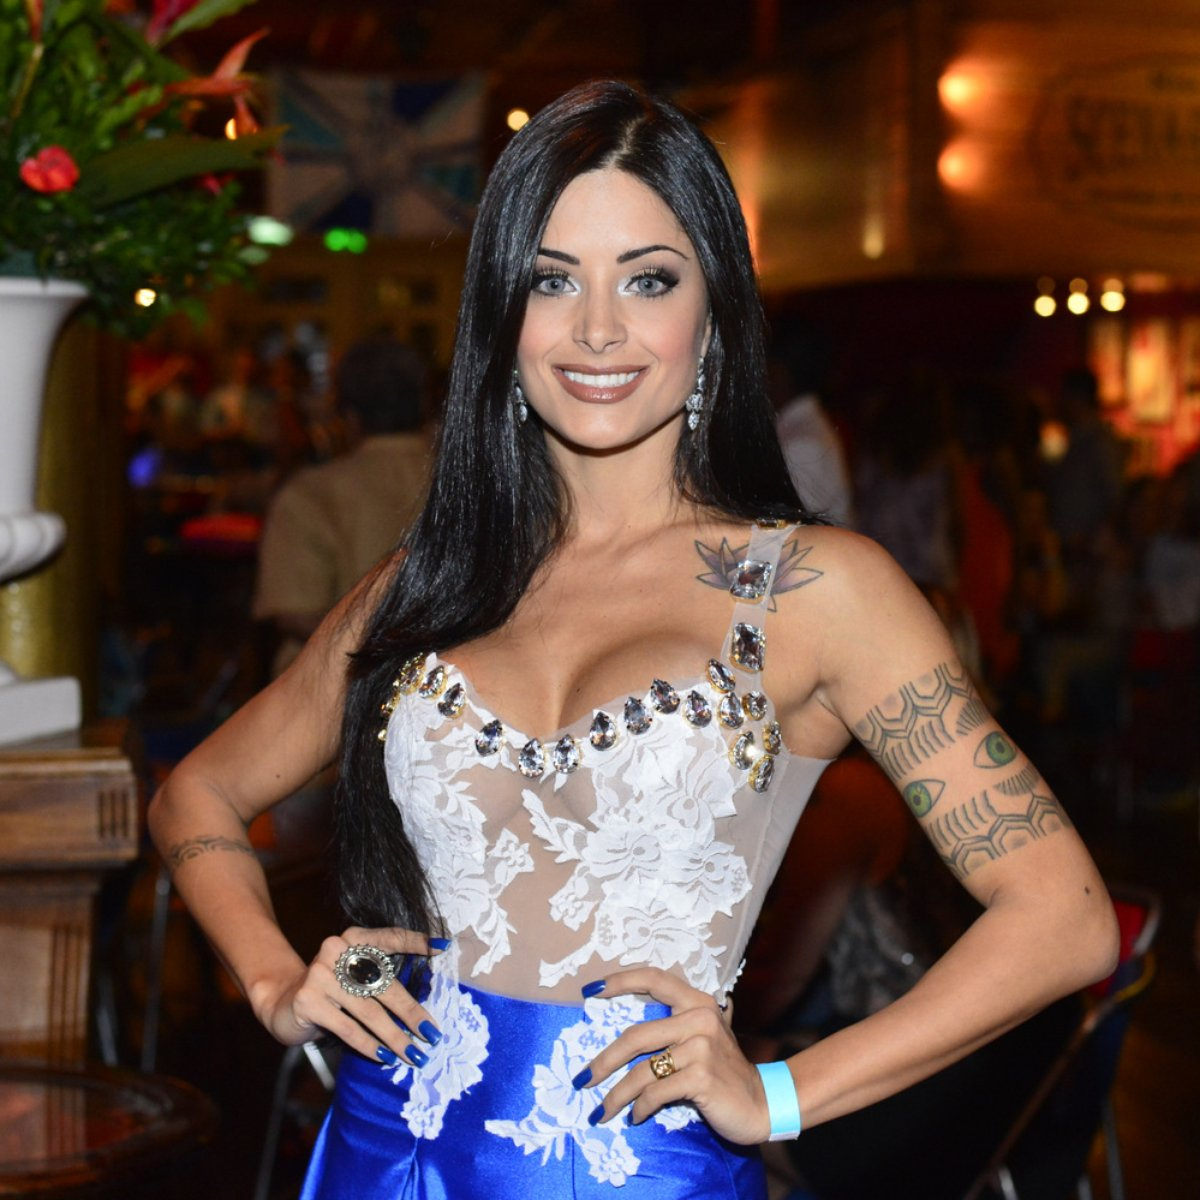 Aline Riscado Playboy com roupa ousada, aline riscado rouba cena em evento do samba